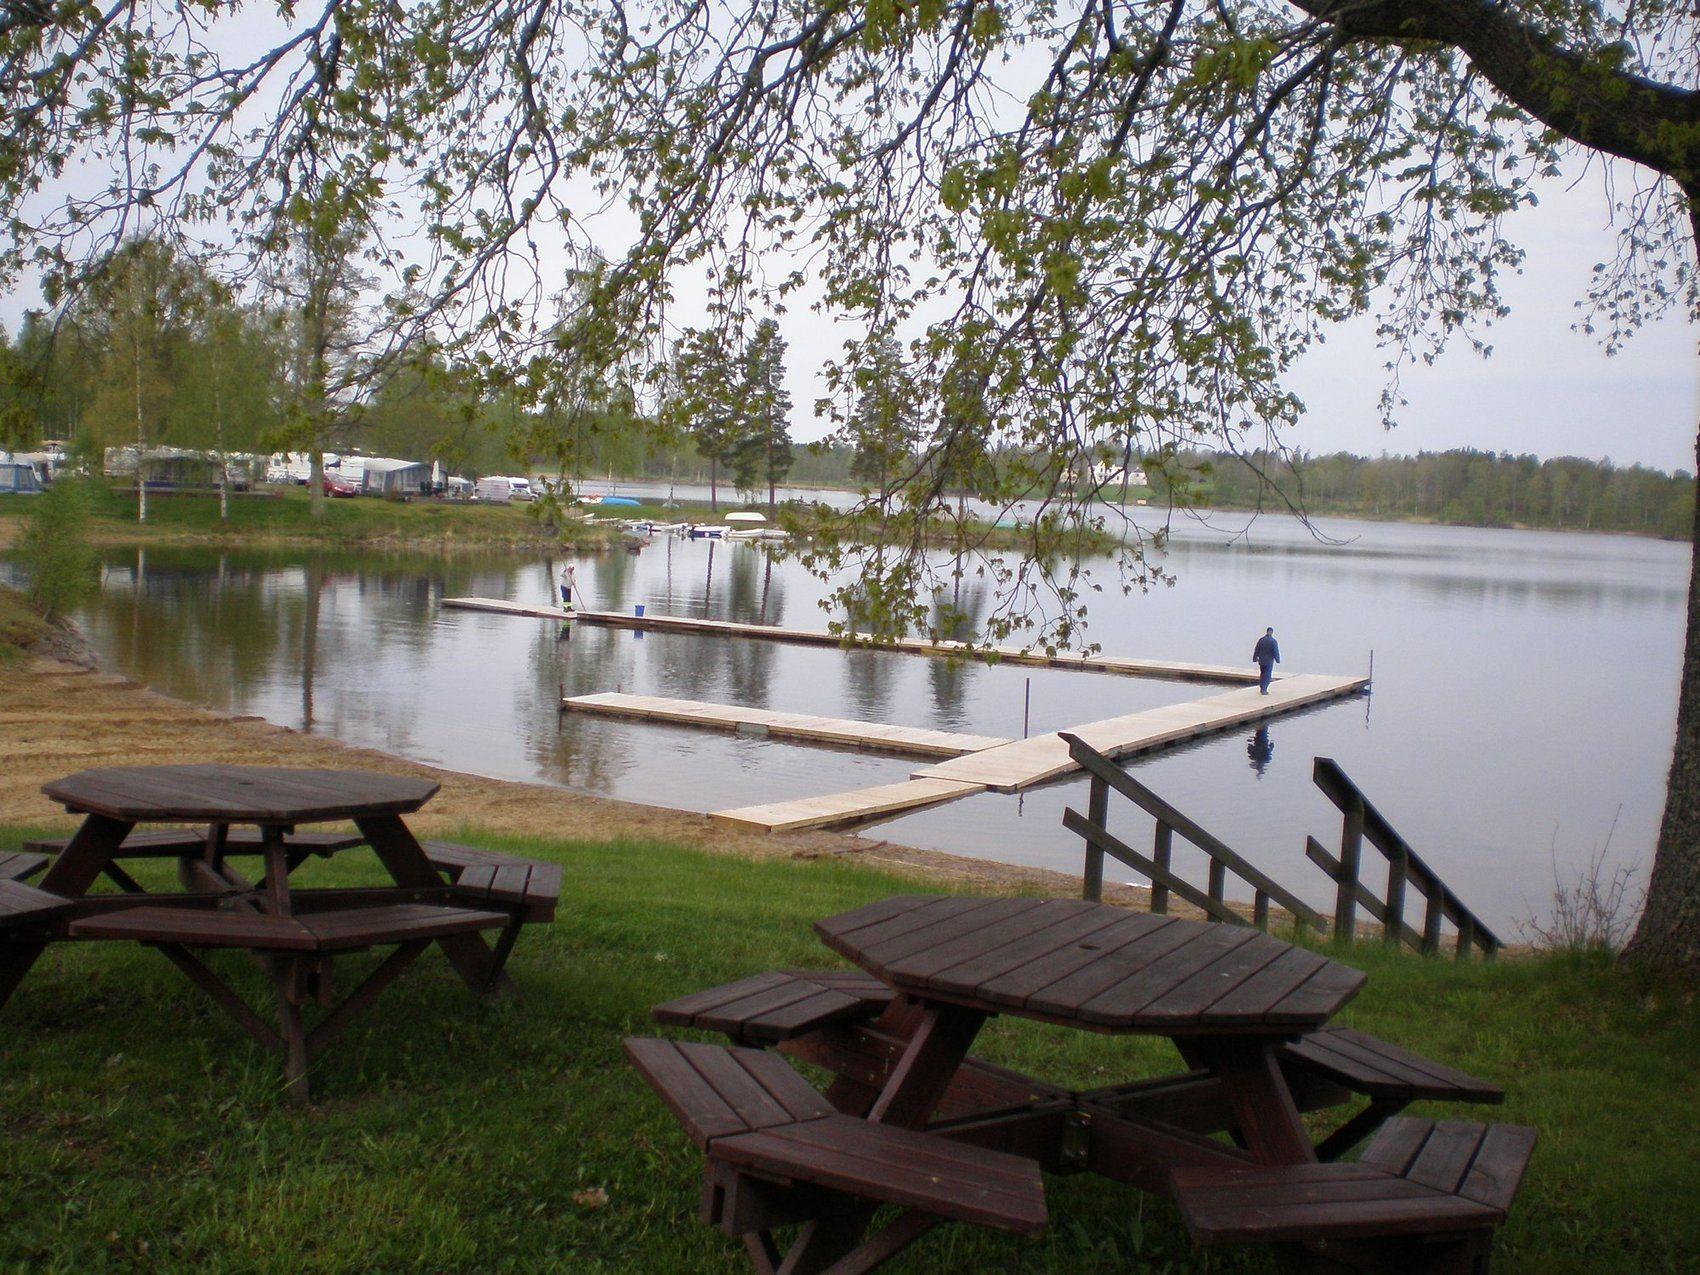 Badplats med gräsplan och bryggor ut i vattnet.